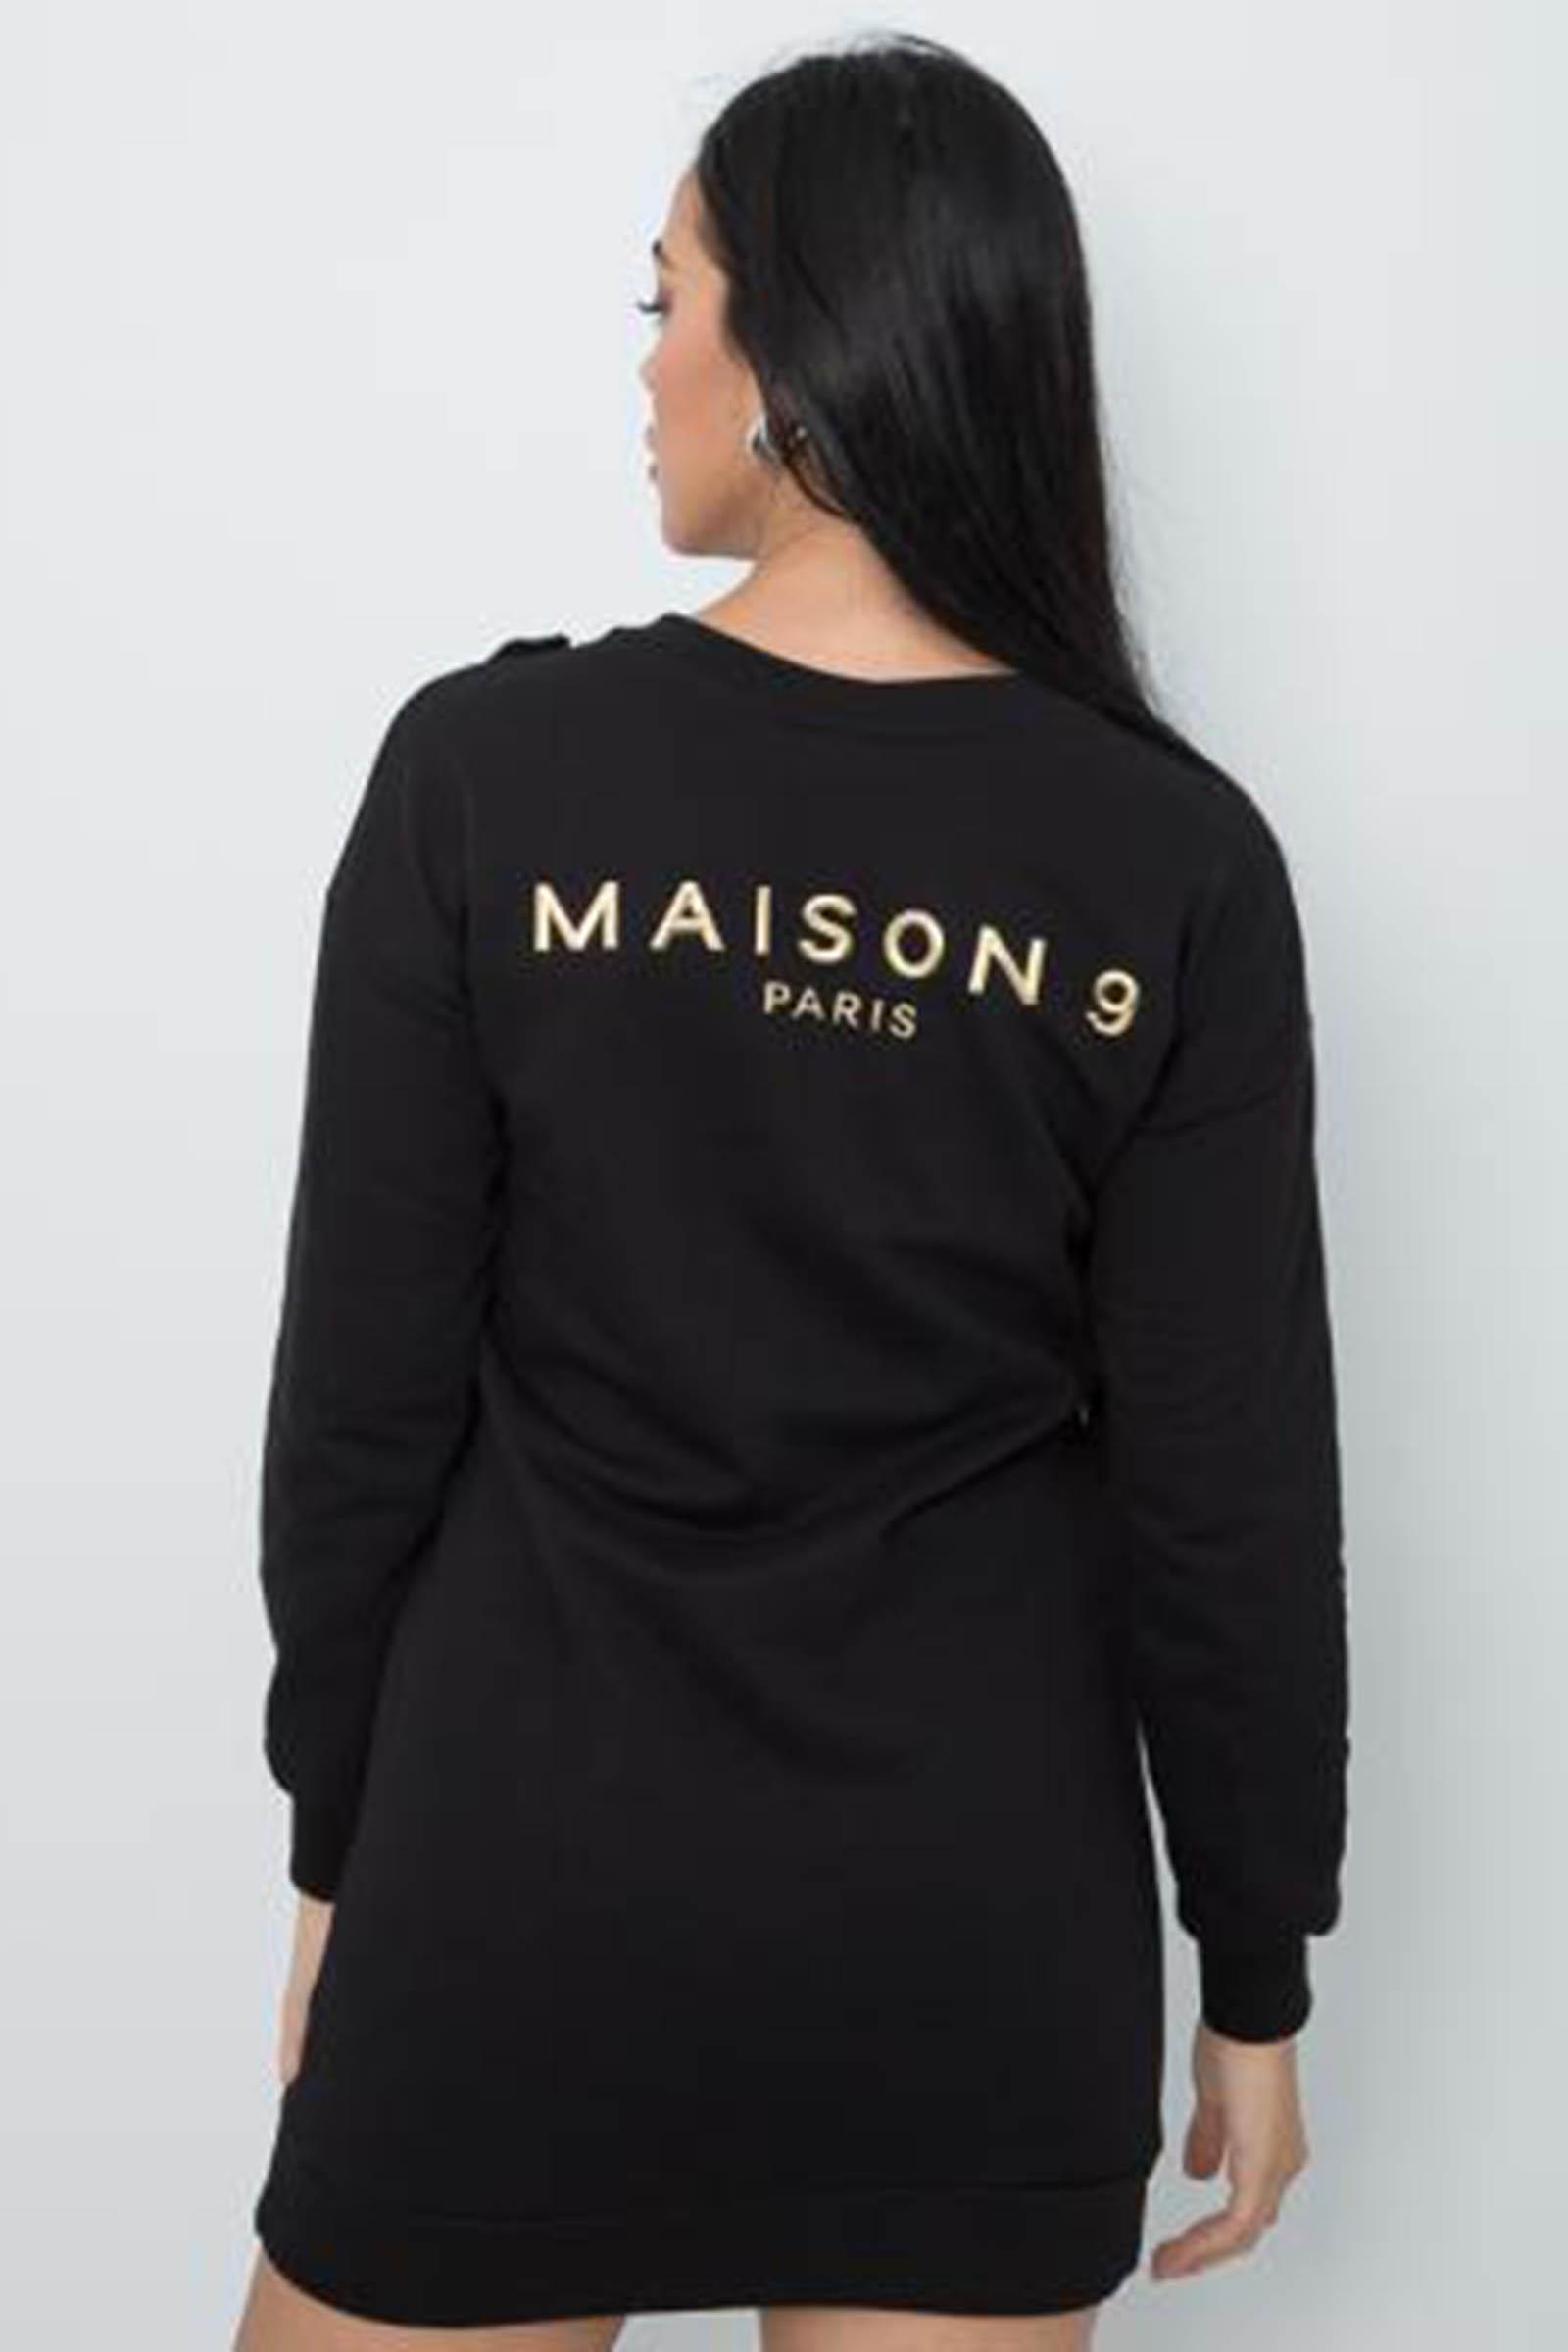 MAISON 9 PARIS      M9FA70961